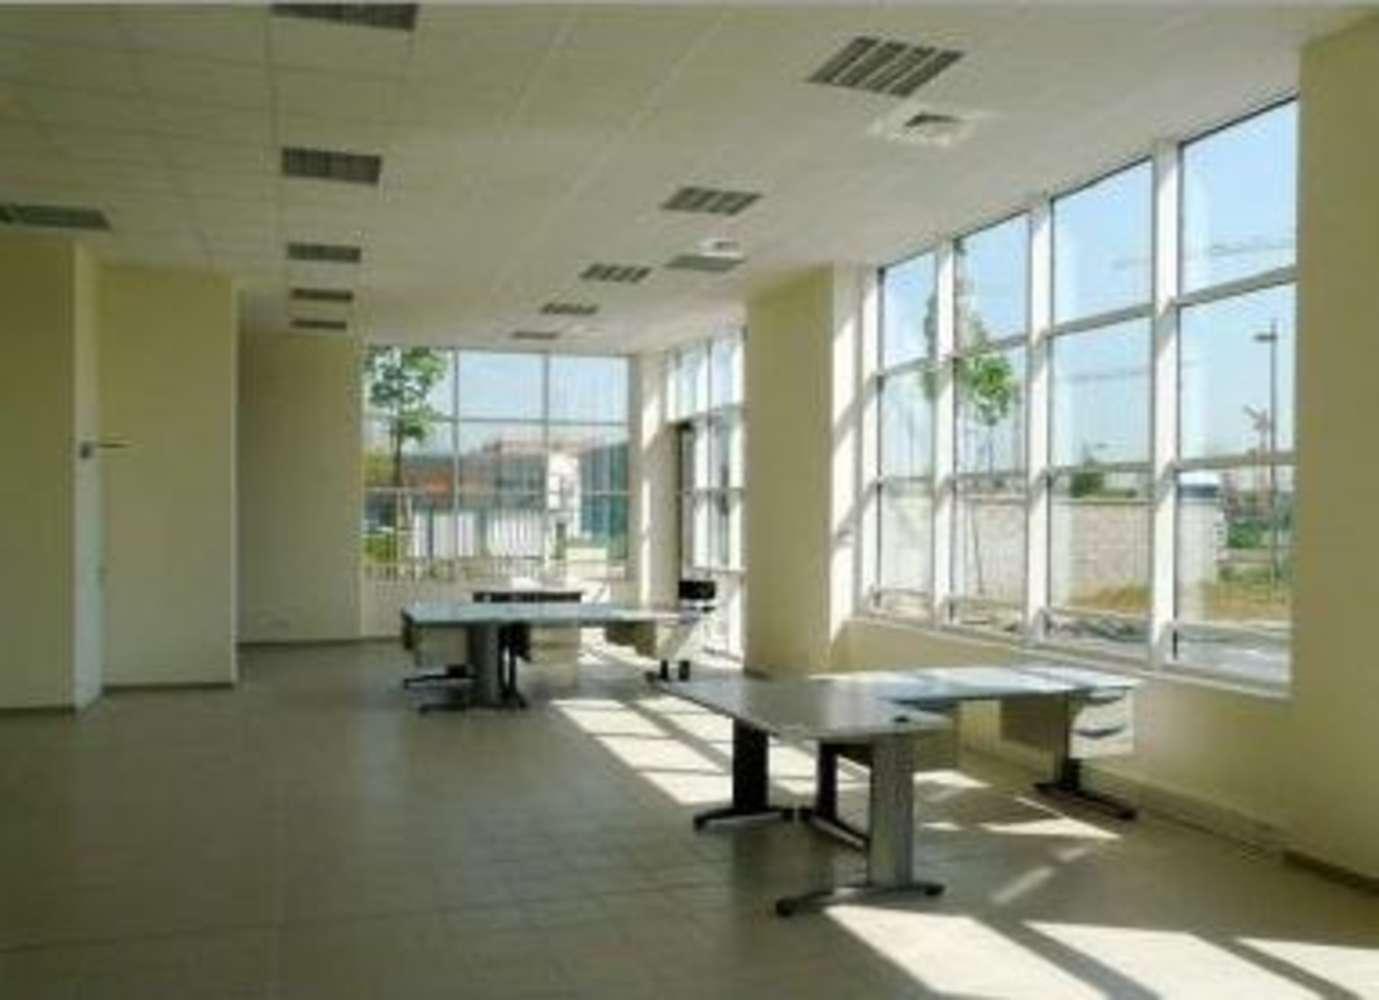 Activités/entrepôt Bussy st georges, 77600 - ZAC LEONARD DE VINCI - 9520977